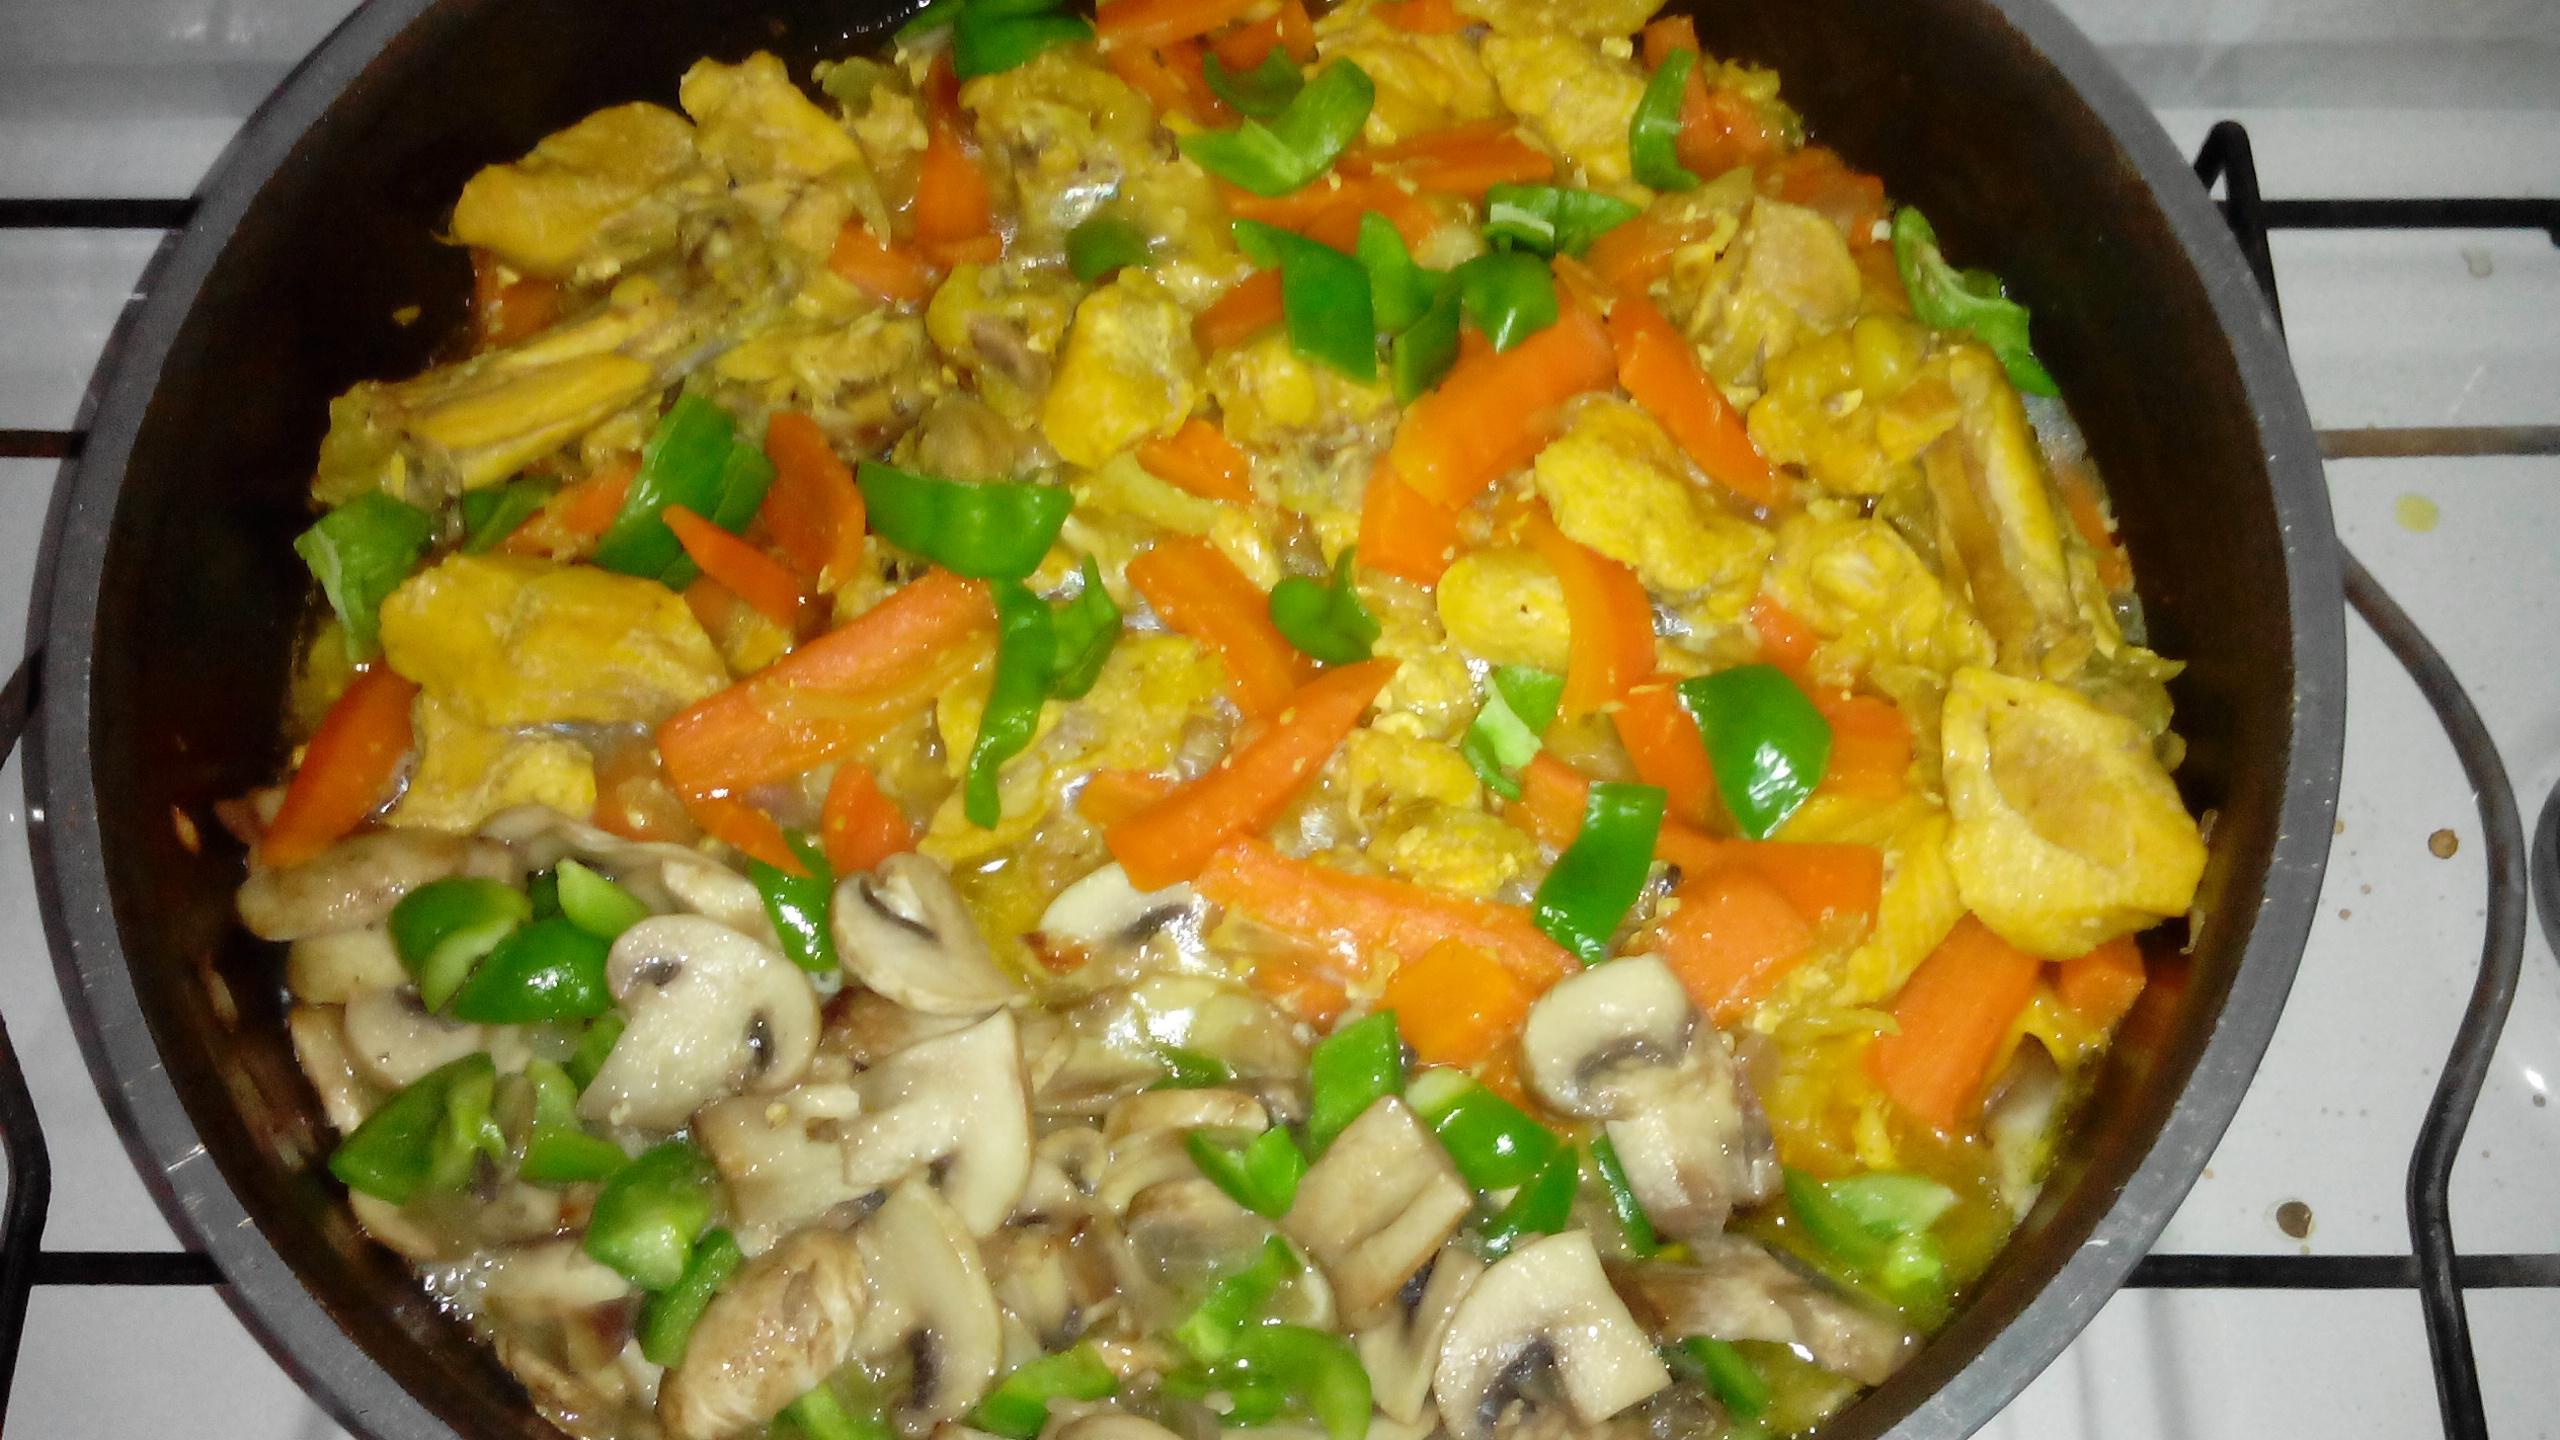 طرز تهیه خوراک قارچ و سبزیجات بخارپز – دکتر رویا خادمیان